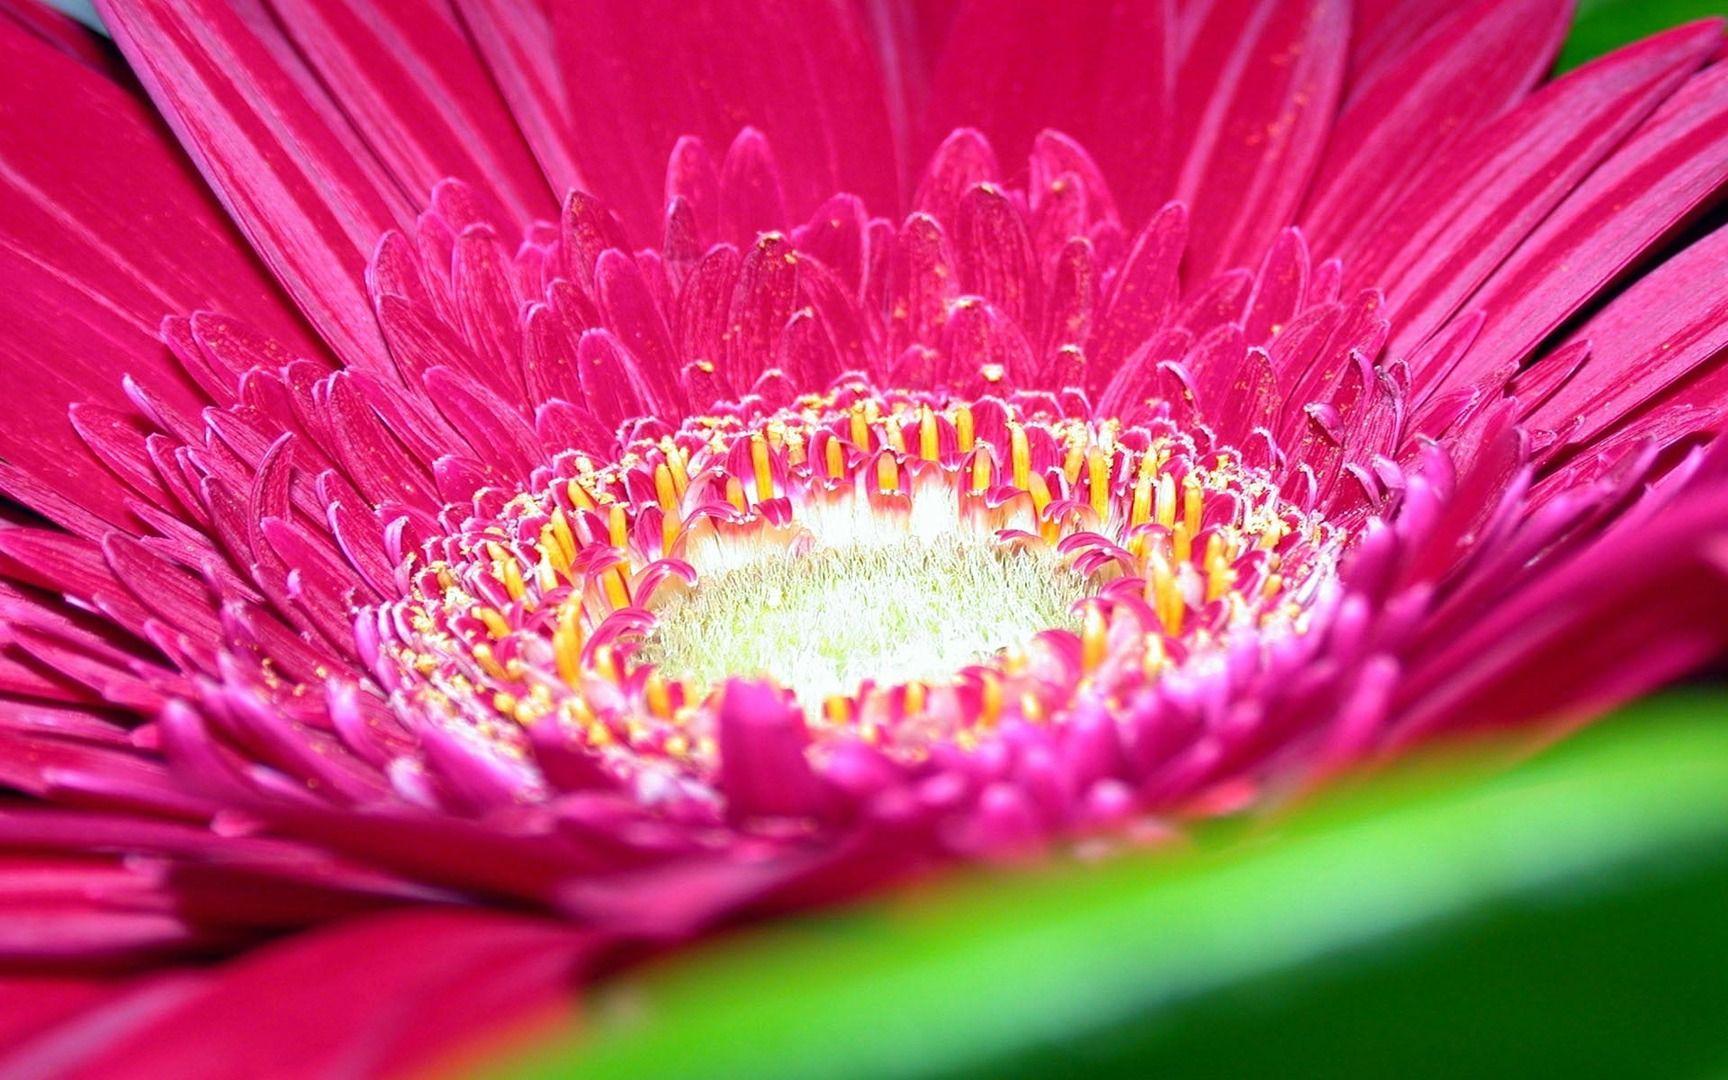 Spring Flowers Wallpaper Wallpaper Hd The Best Home Decor Ideas Flower Iphone Wallpaper Beautiful Flowers Wallpapers Spring Flowers Wallpaper